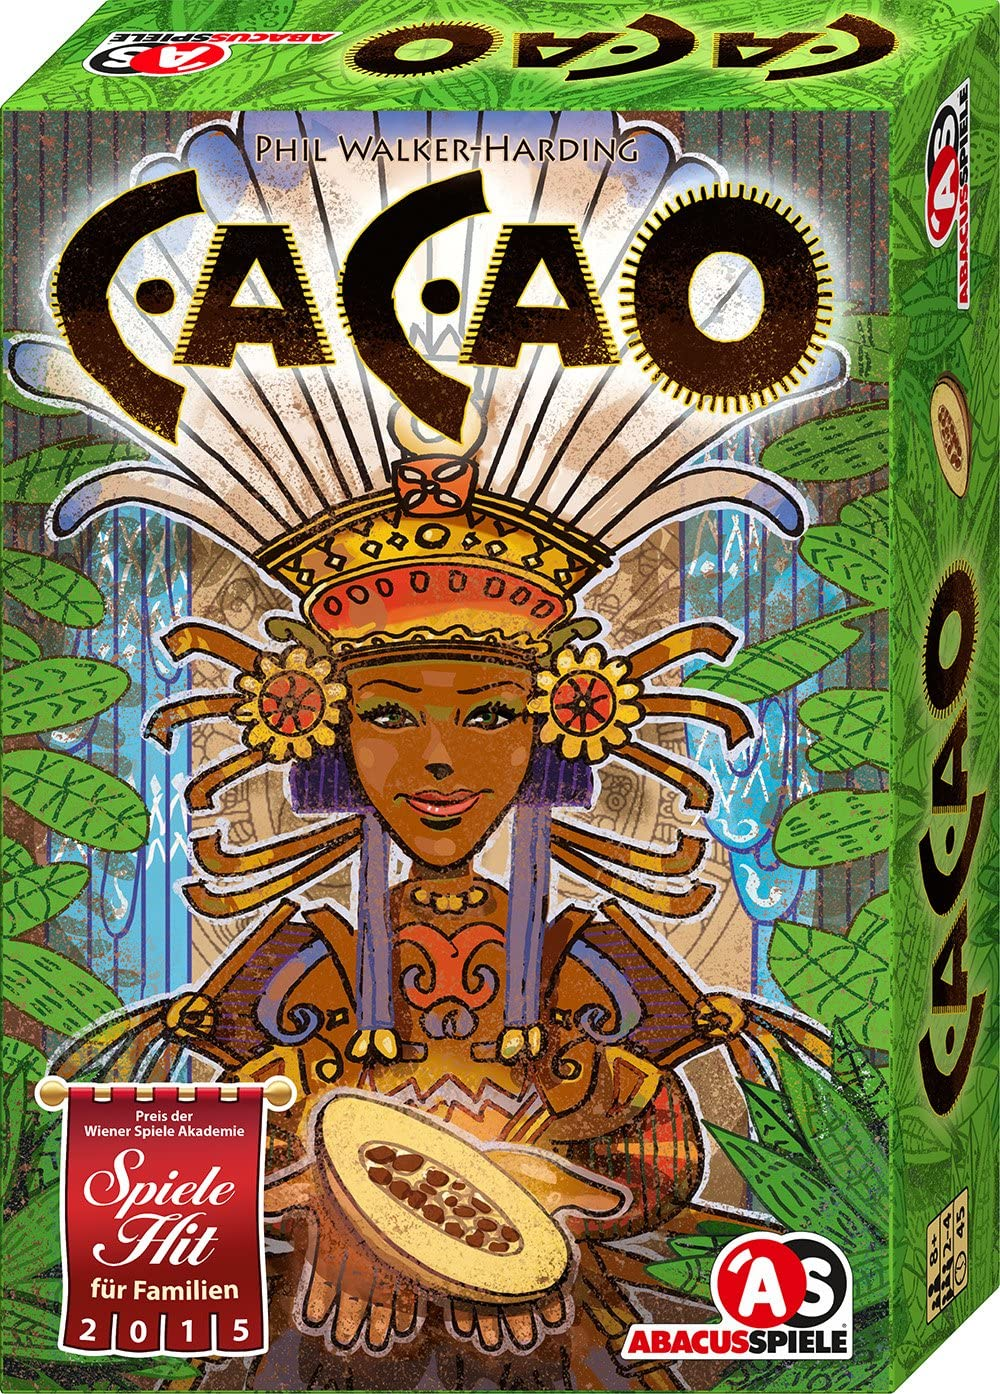 Abacusspiele - Cacao, juego de mesa (41415): Walker-Harding, Phil: Amazon.es: Juguetes y juegos